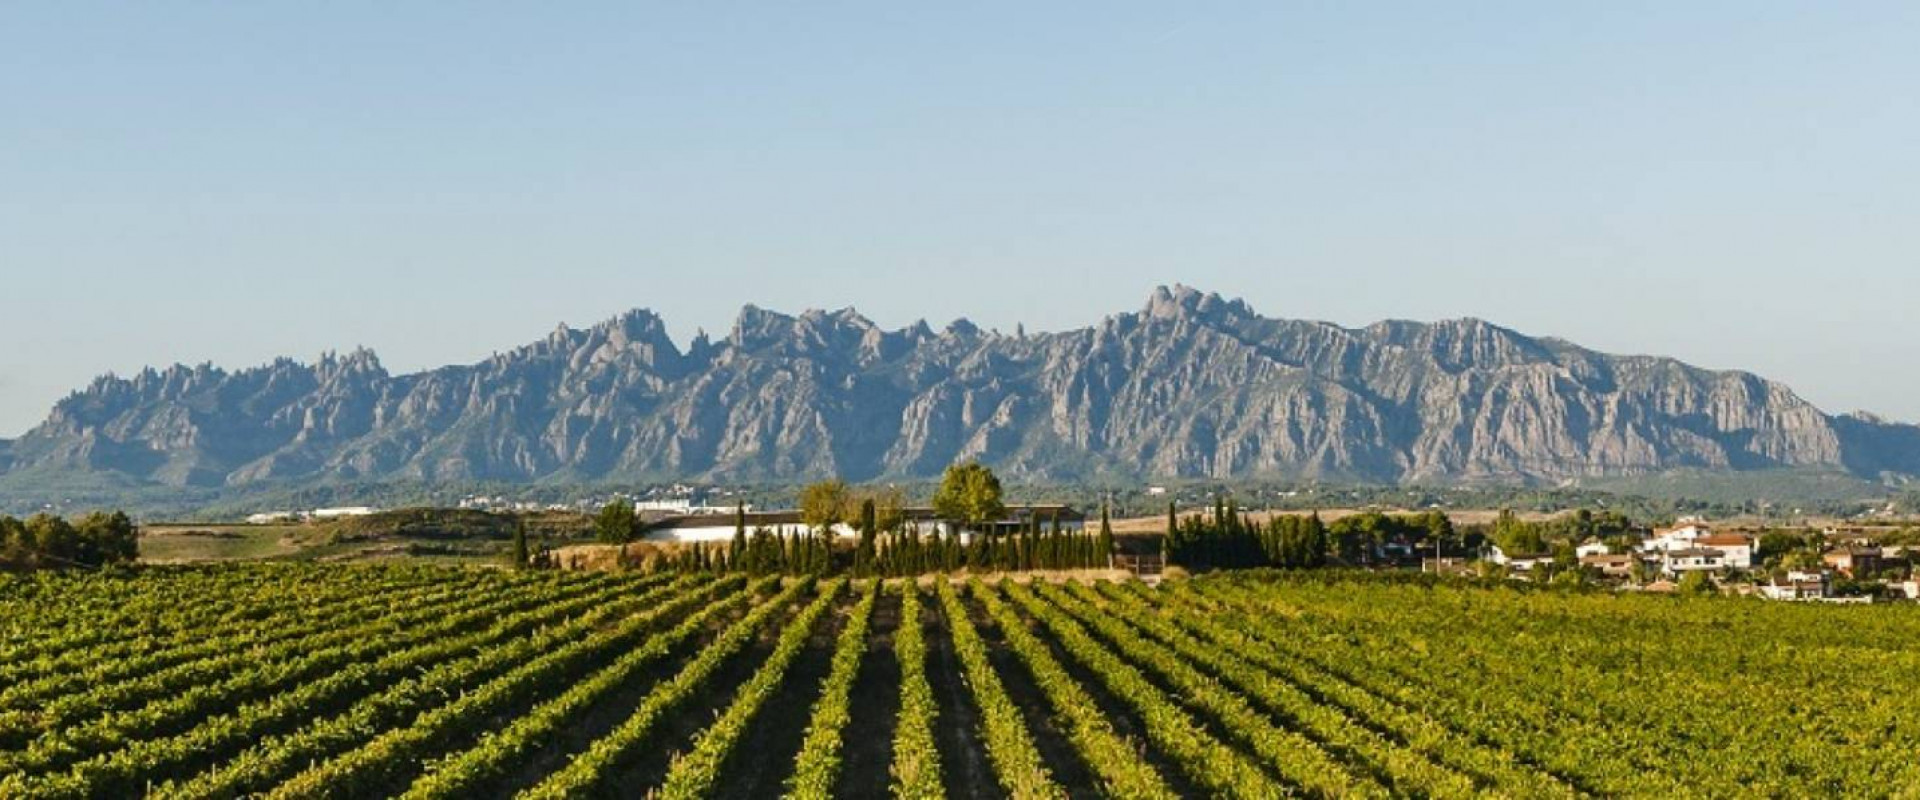 Weintourismus in Katalonien